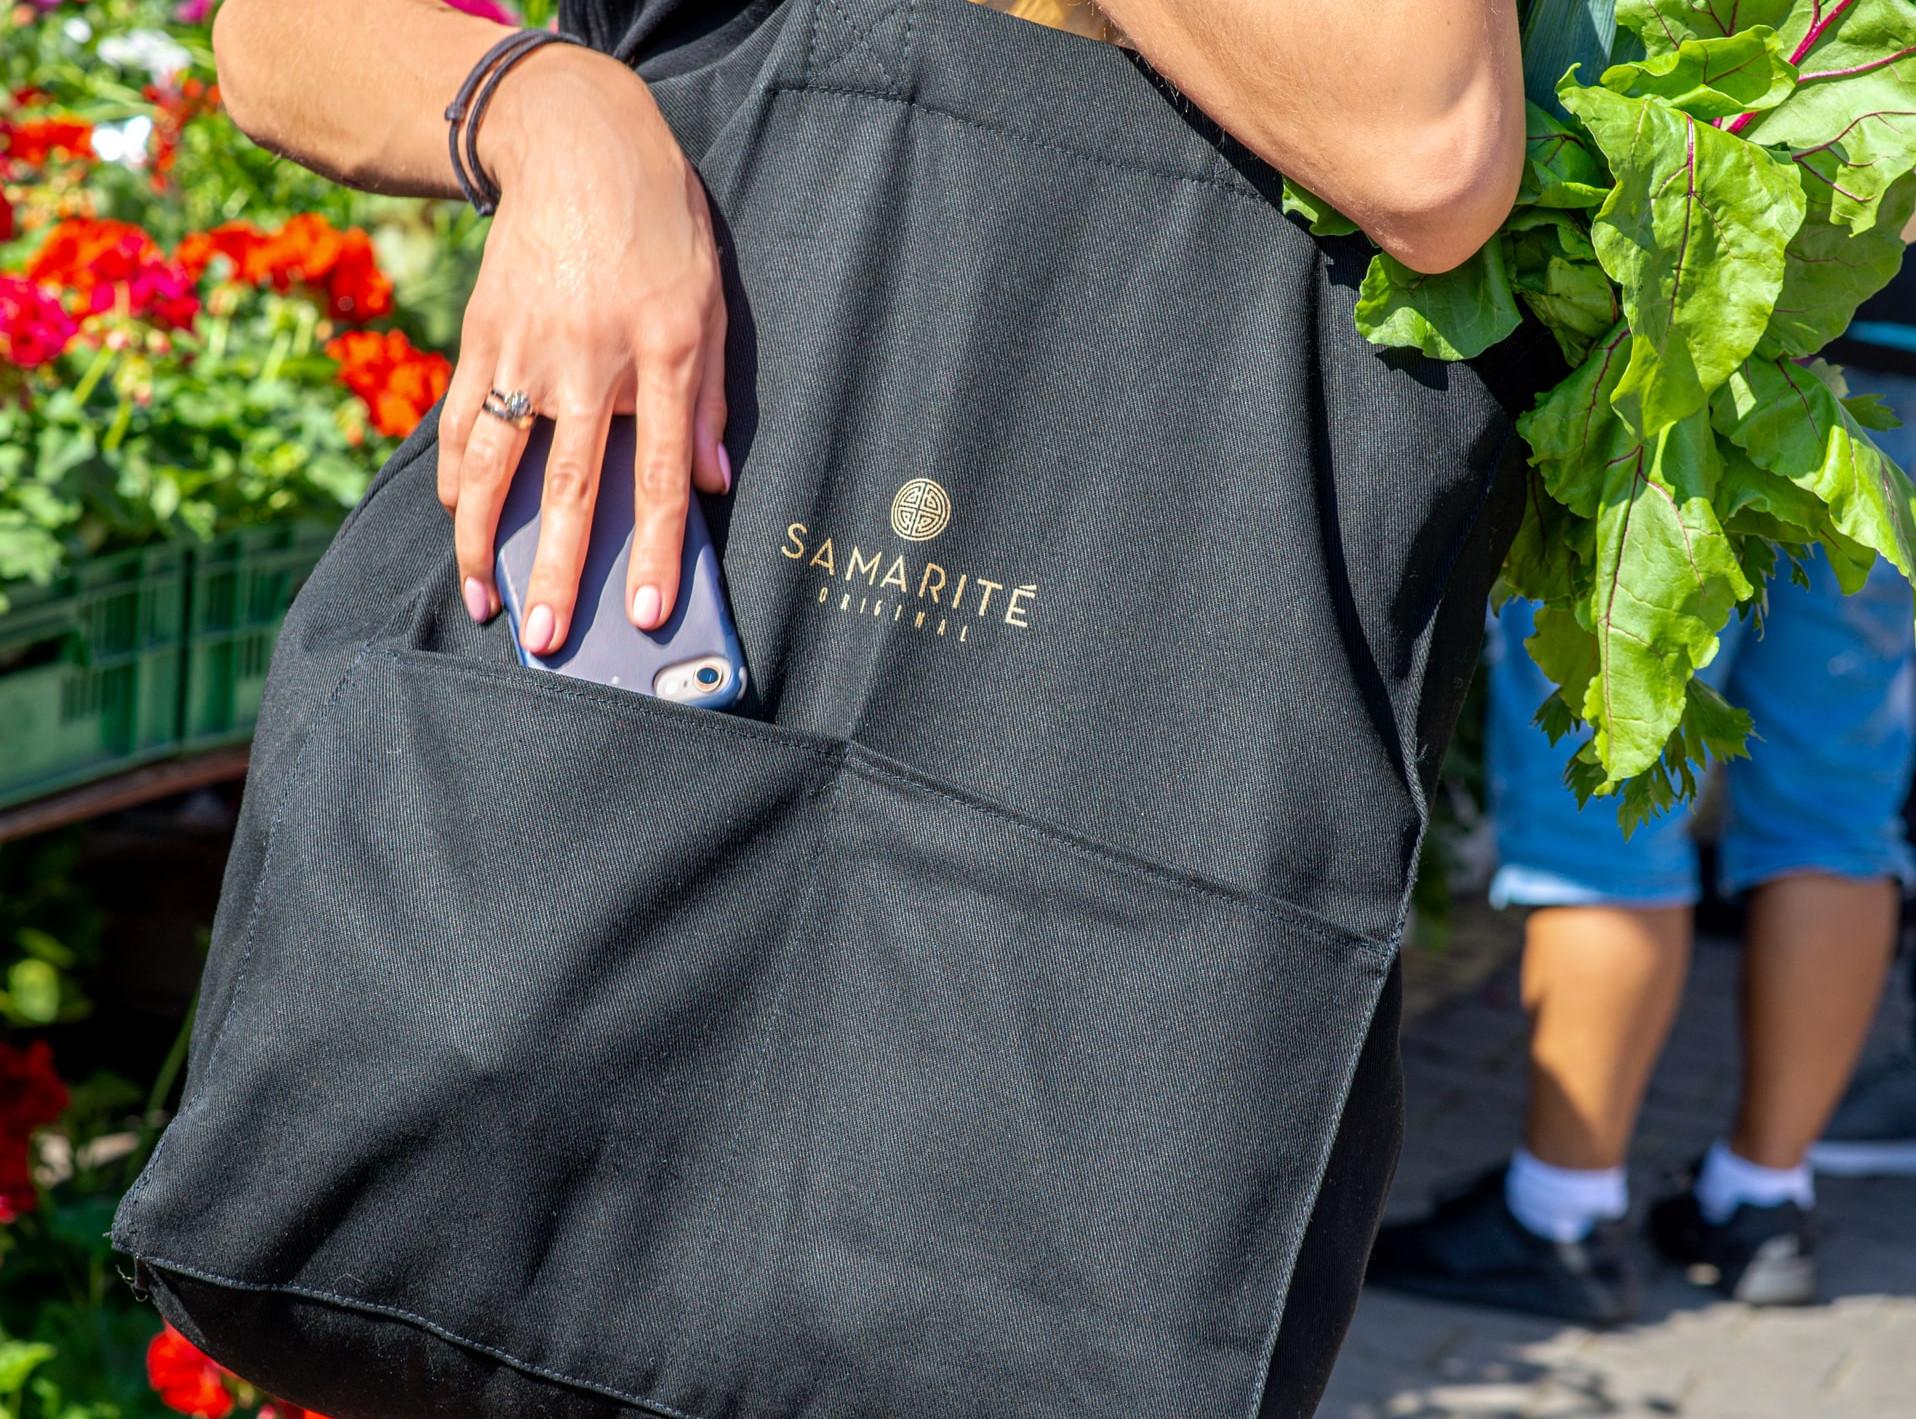 Letnie niezbędniki, czyli co powinno znaleźć się w naszej torbie